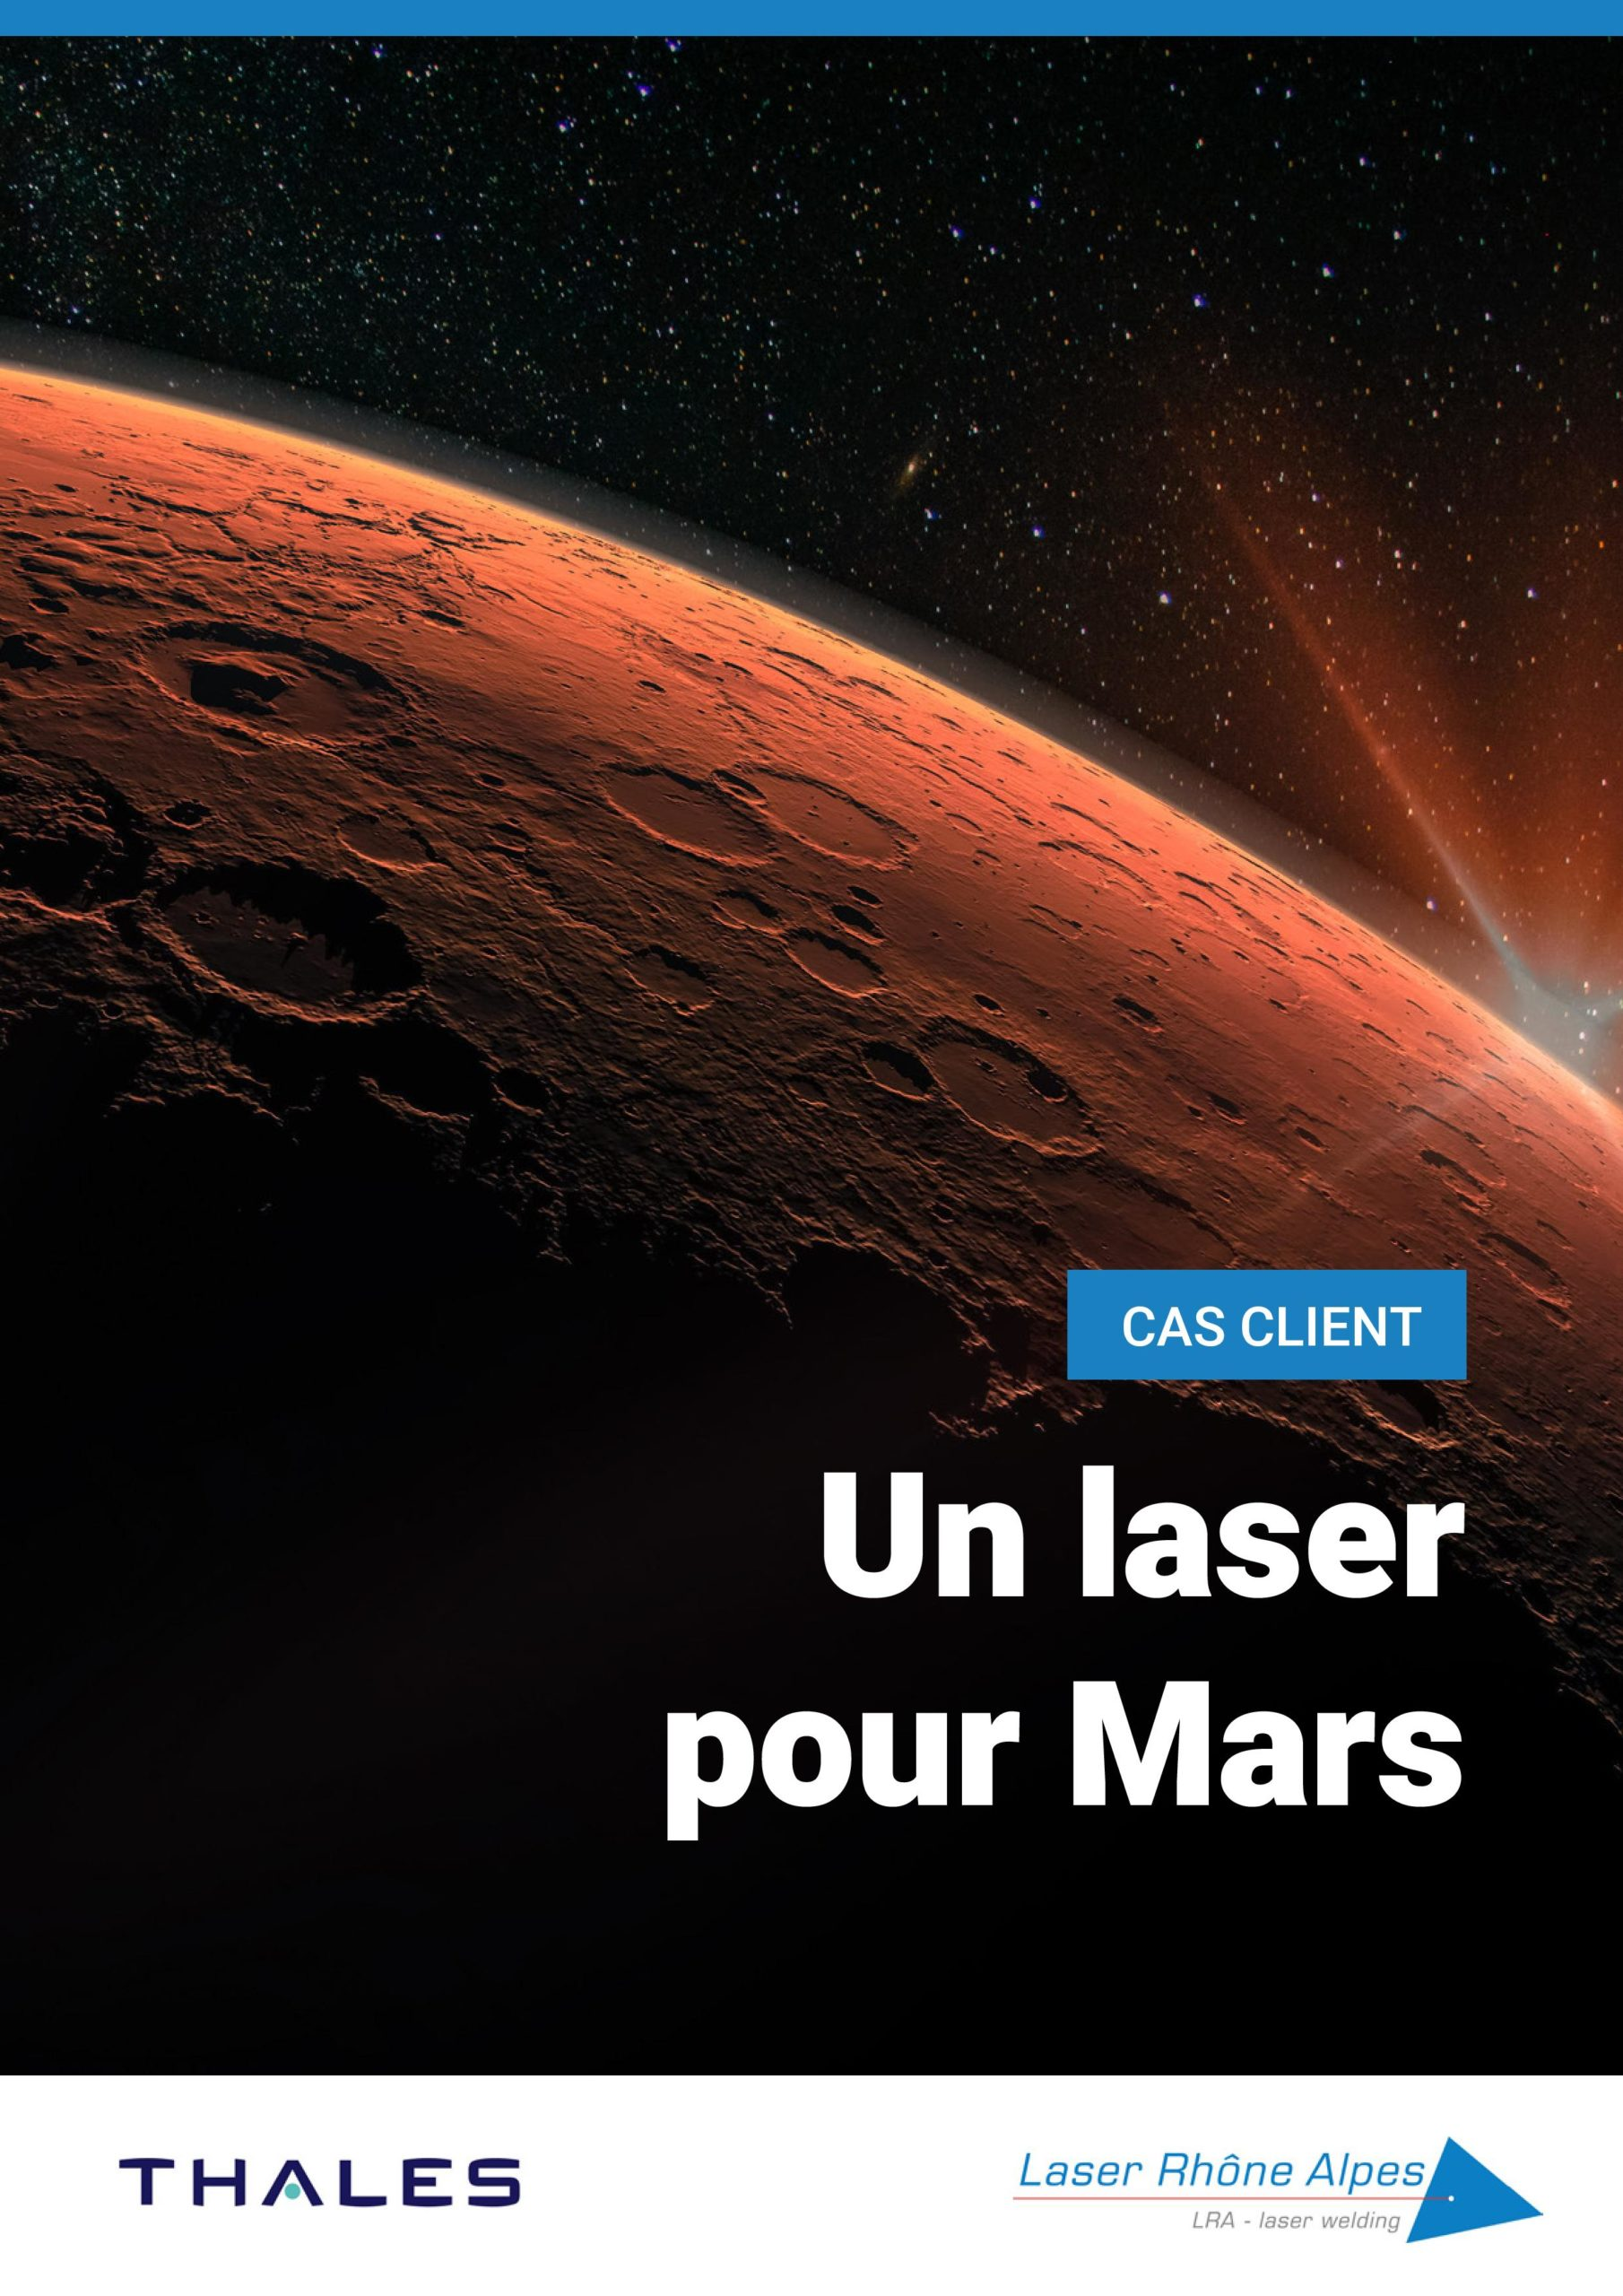 Laser Rhône Alpes – Un laser pour Mars